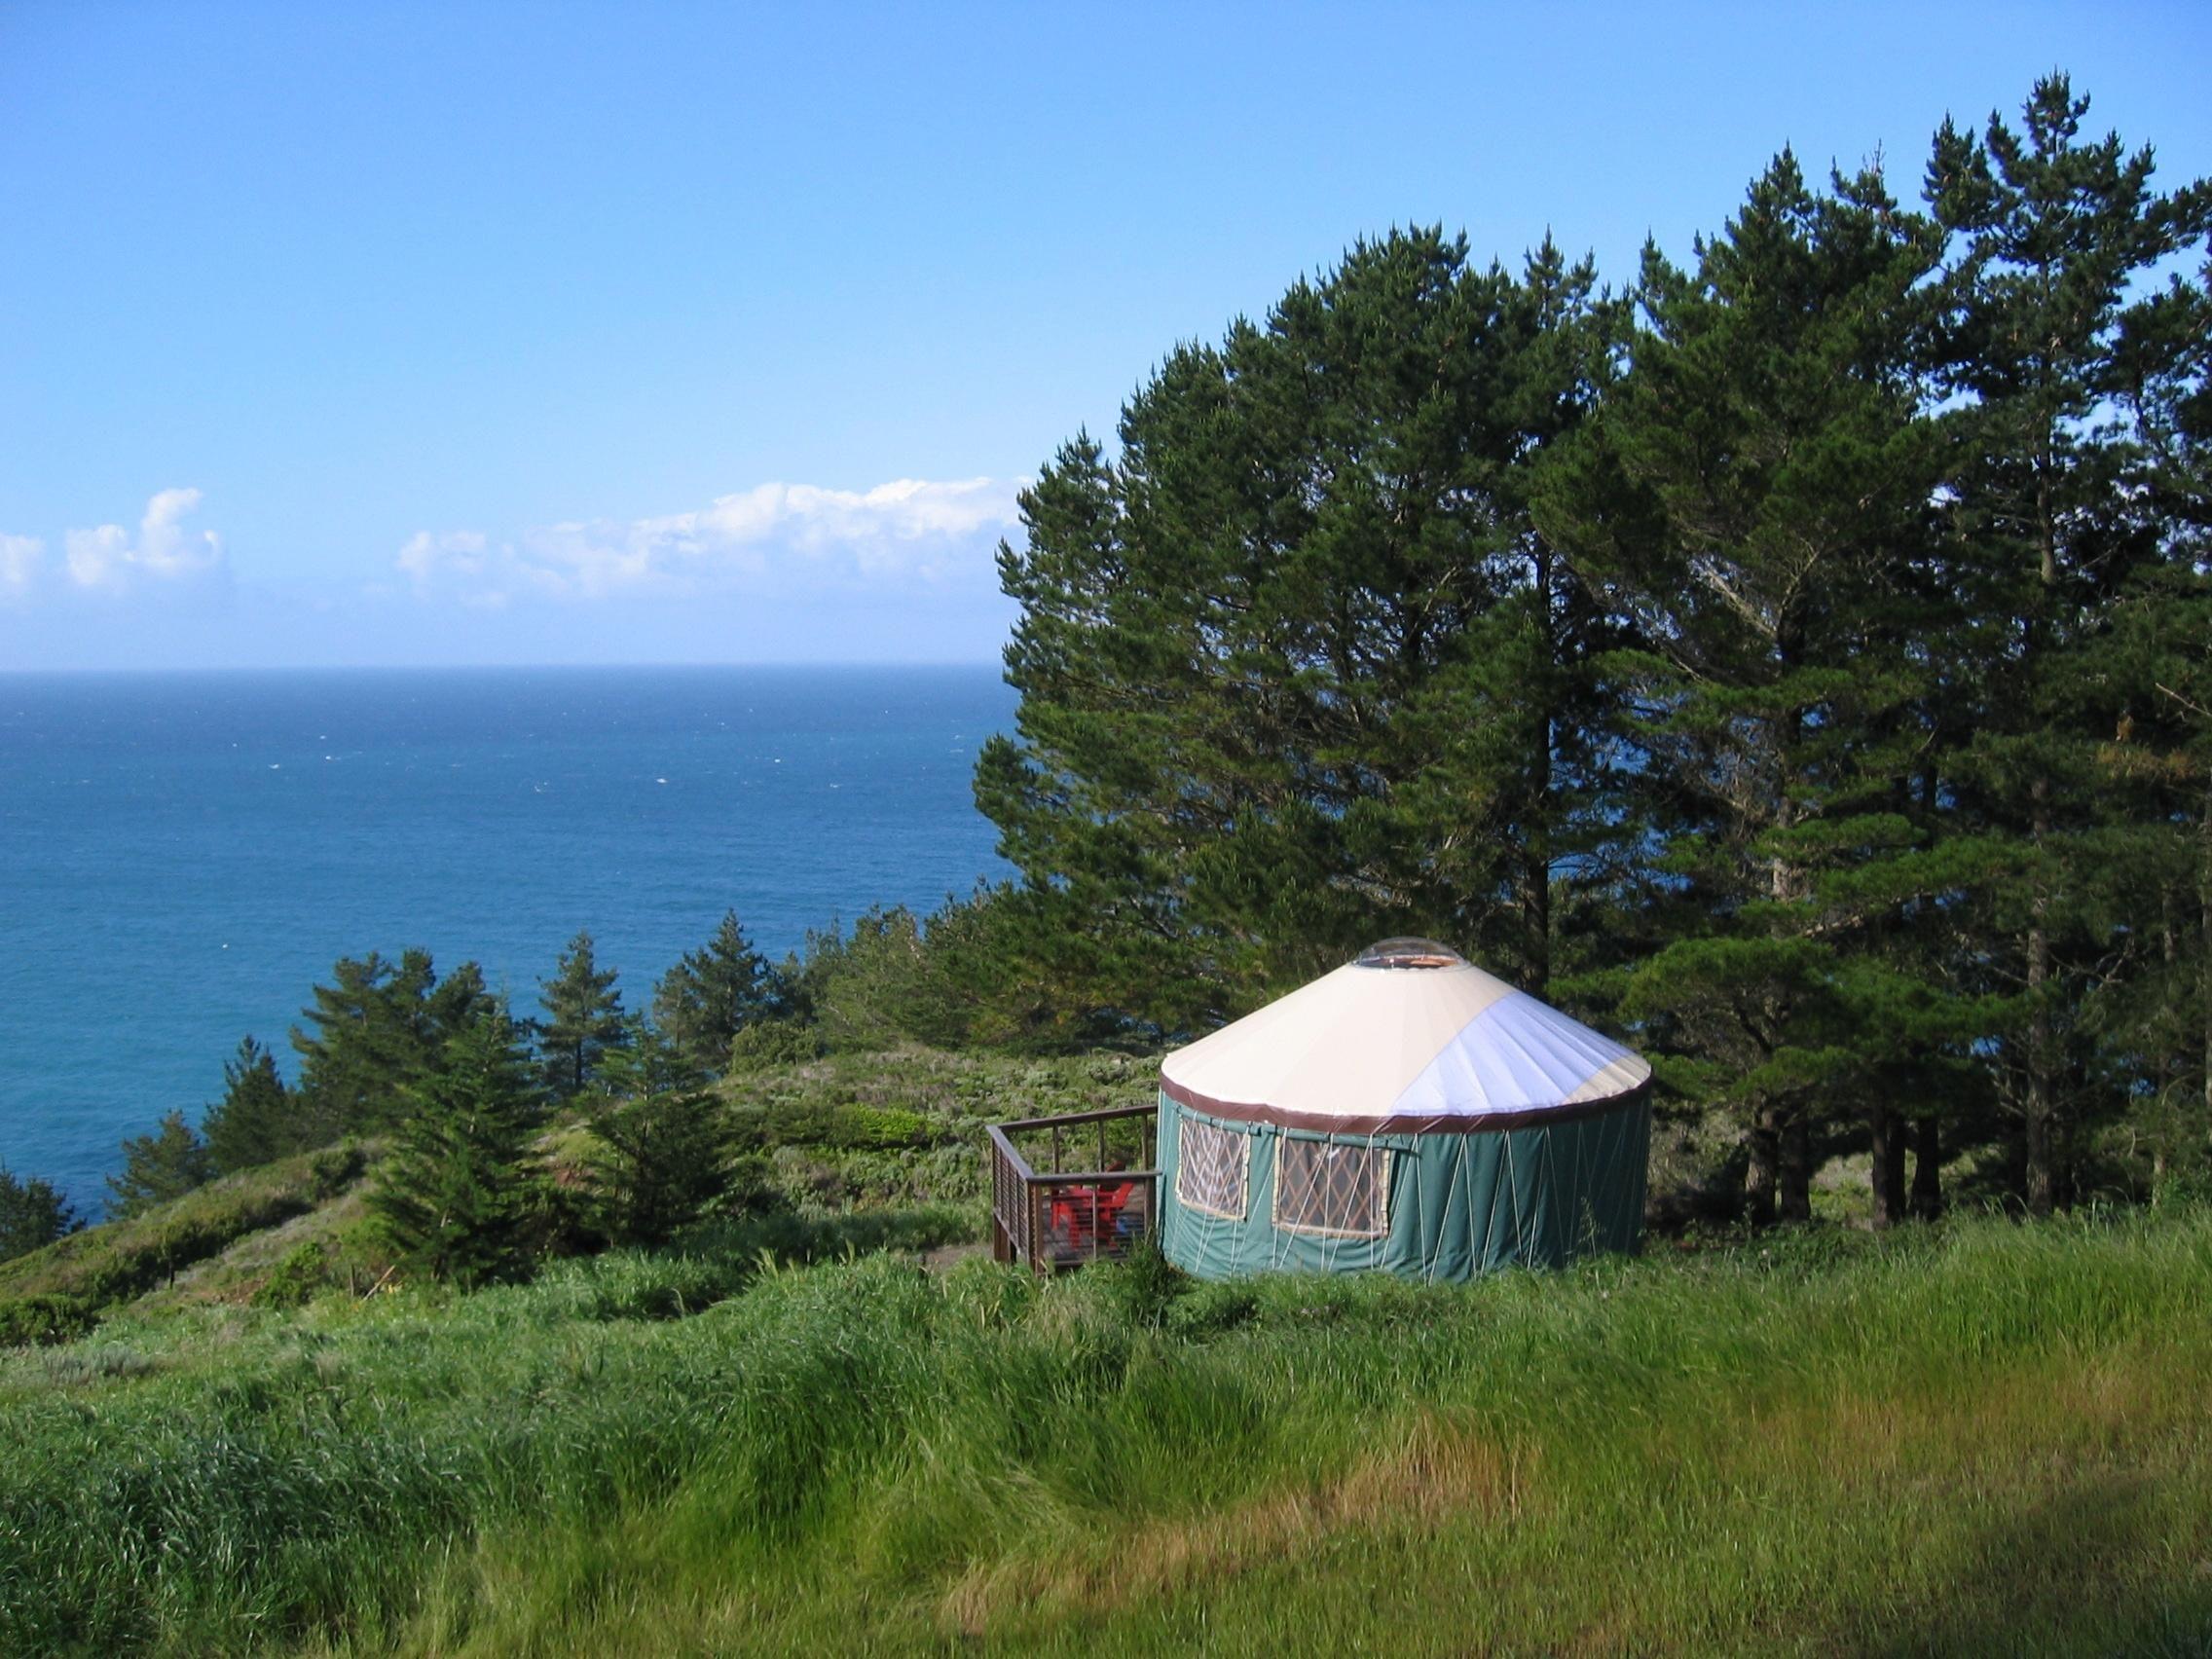 Big sur c&ing & big sur camping - Google Search | ADVENTURE | Pinterest | Yurts ...